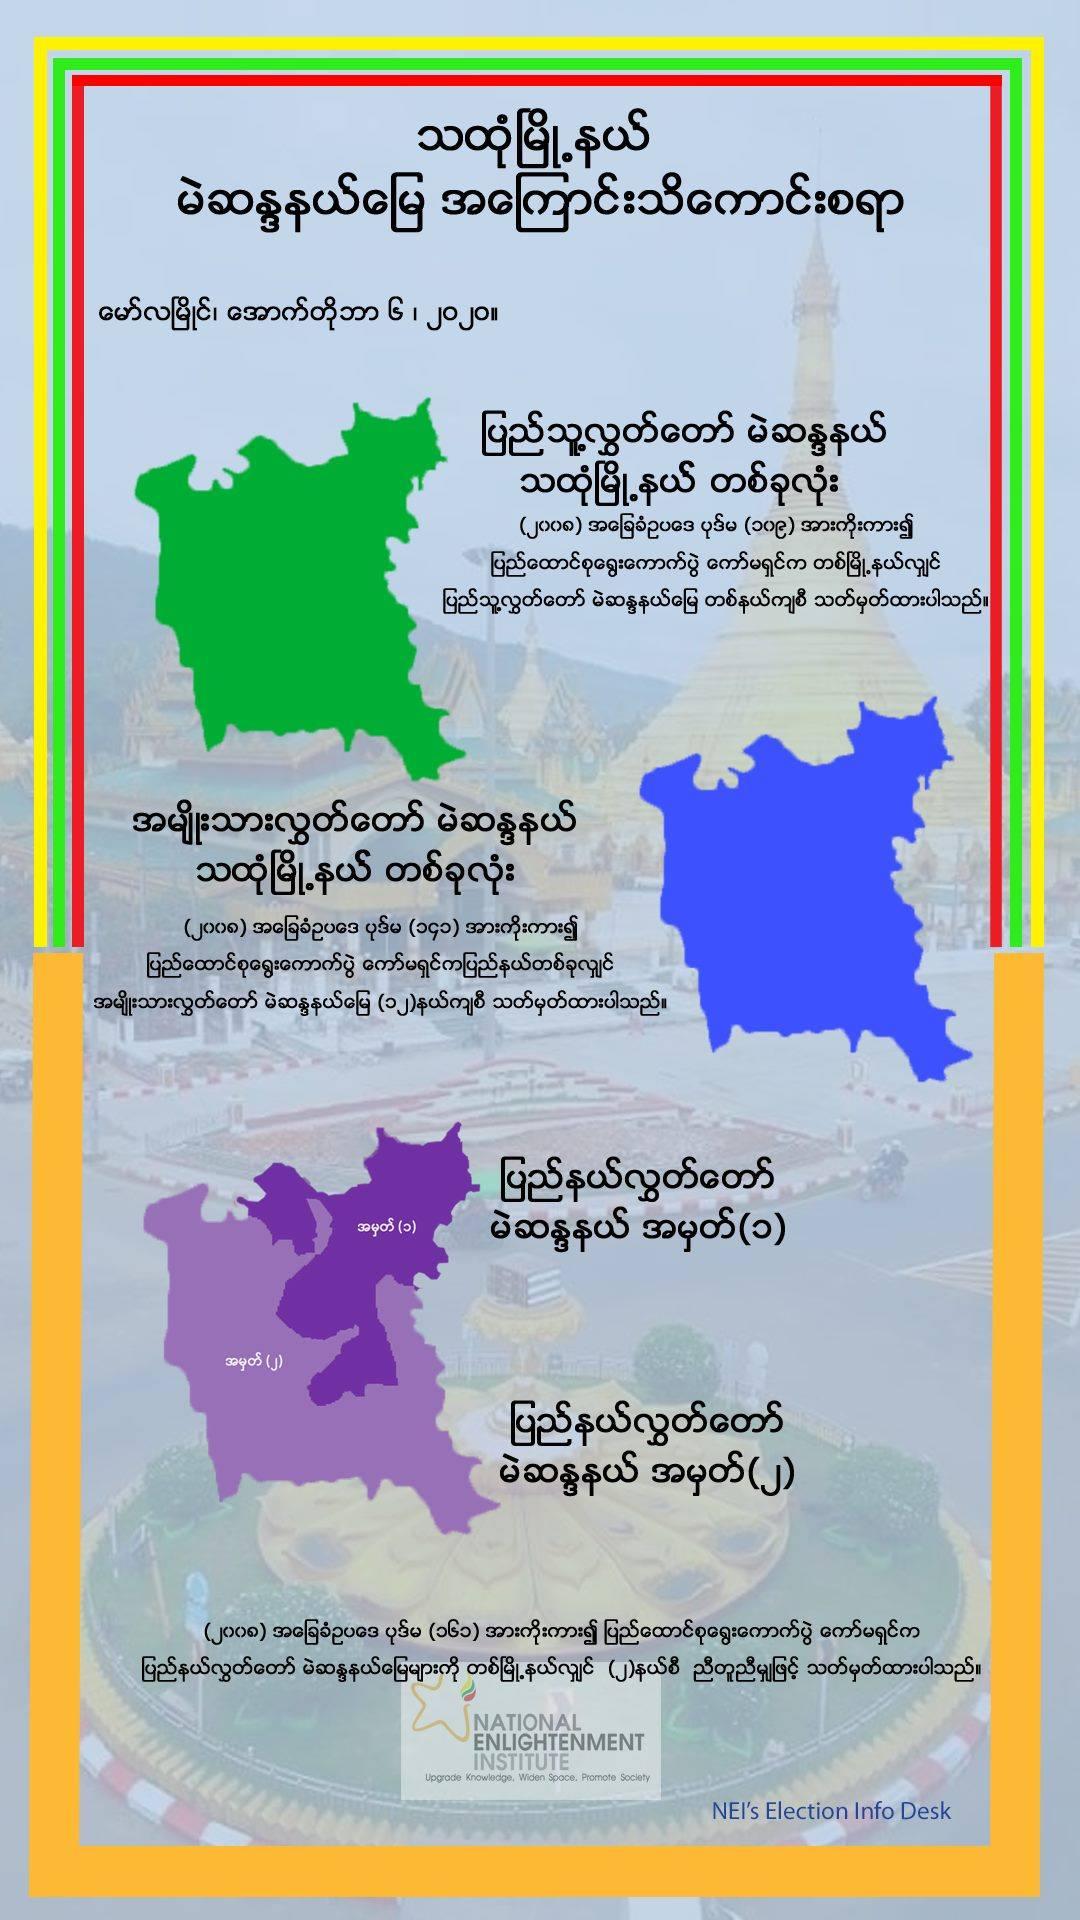 သထုံမြို့နယ် မဲဆန္ဒနယ်မြေအကြောင်း သိကောင်းစရာ